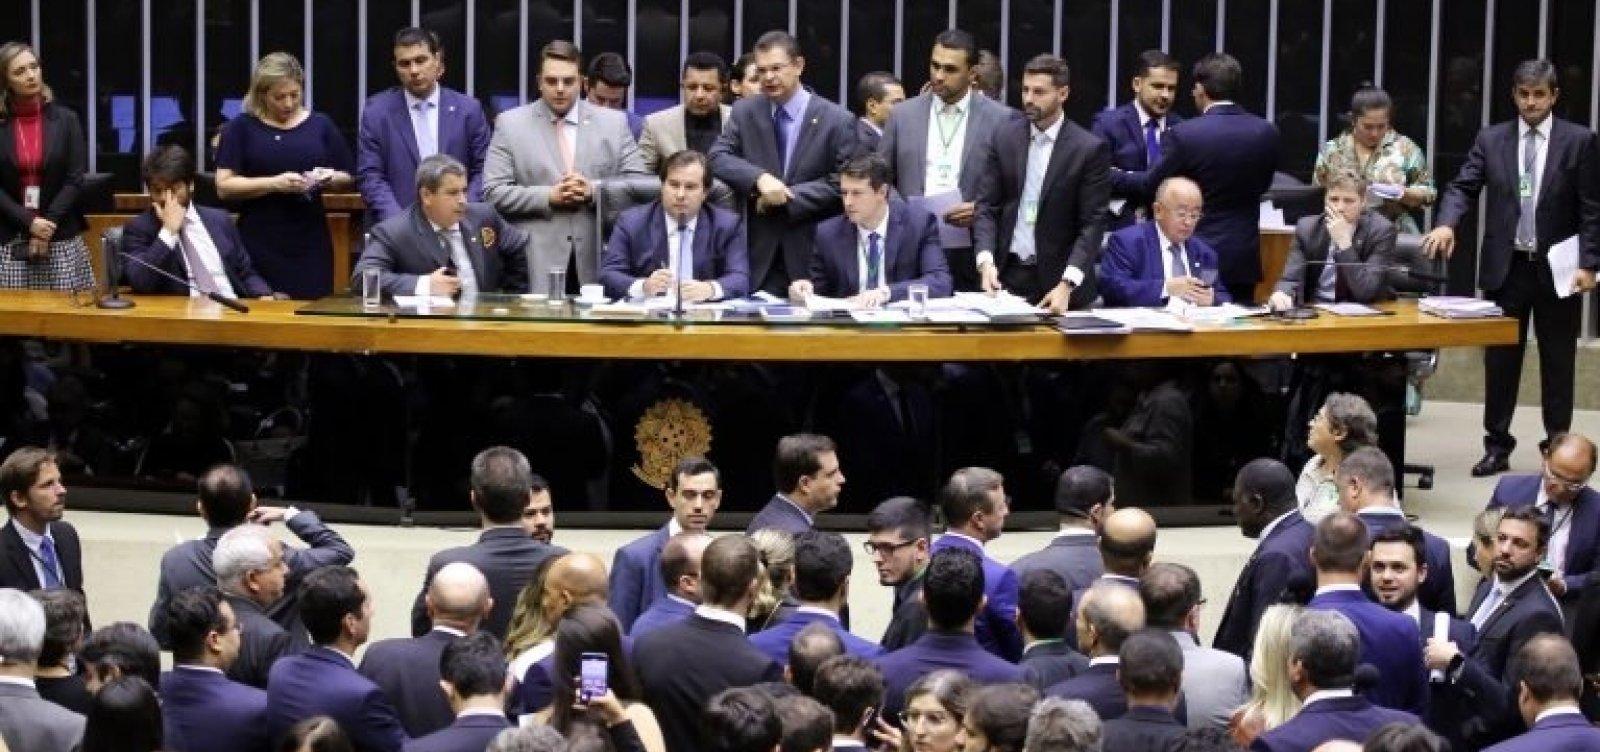 Câmara aprova versão 'desidratada' do projeto de armas de Bolsonaro